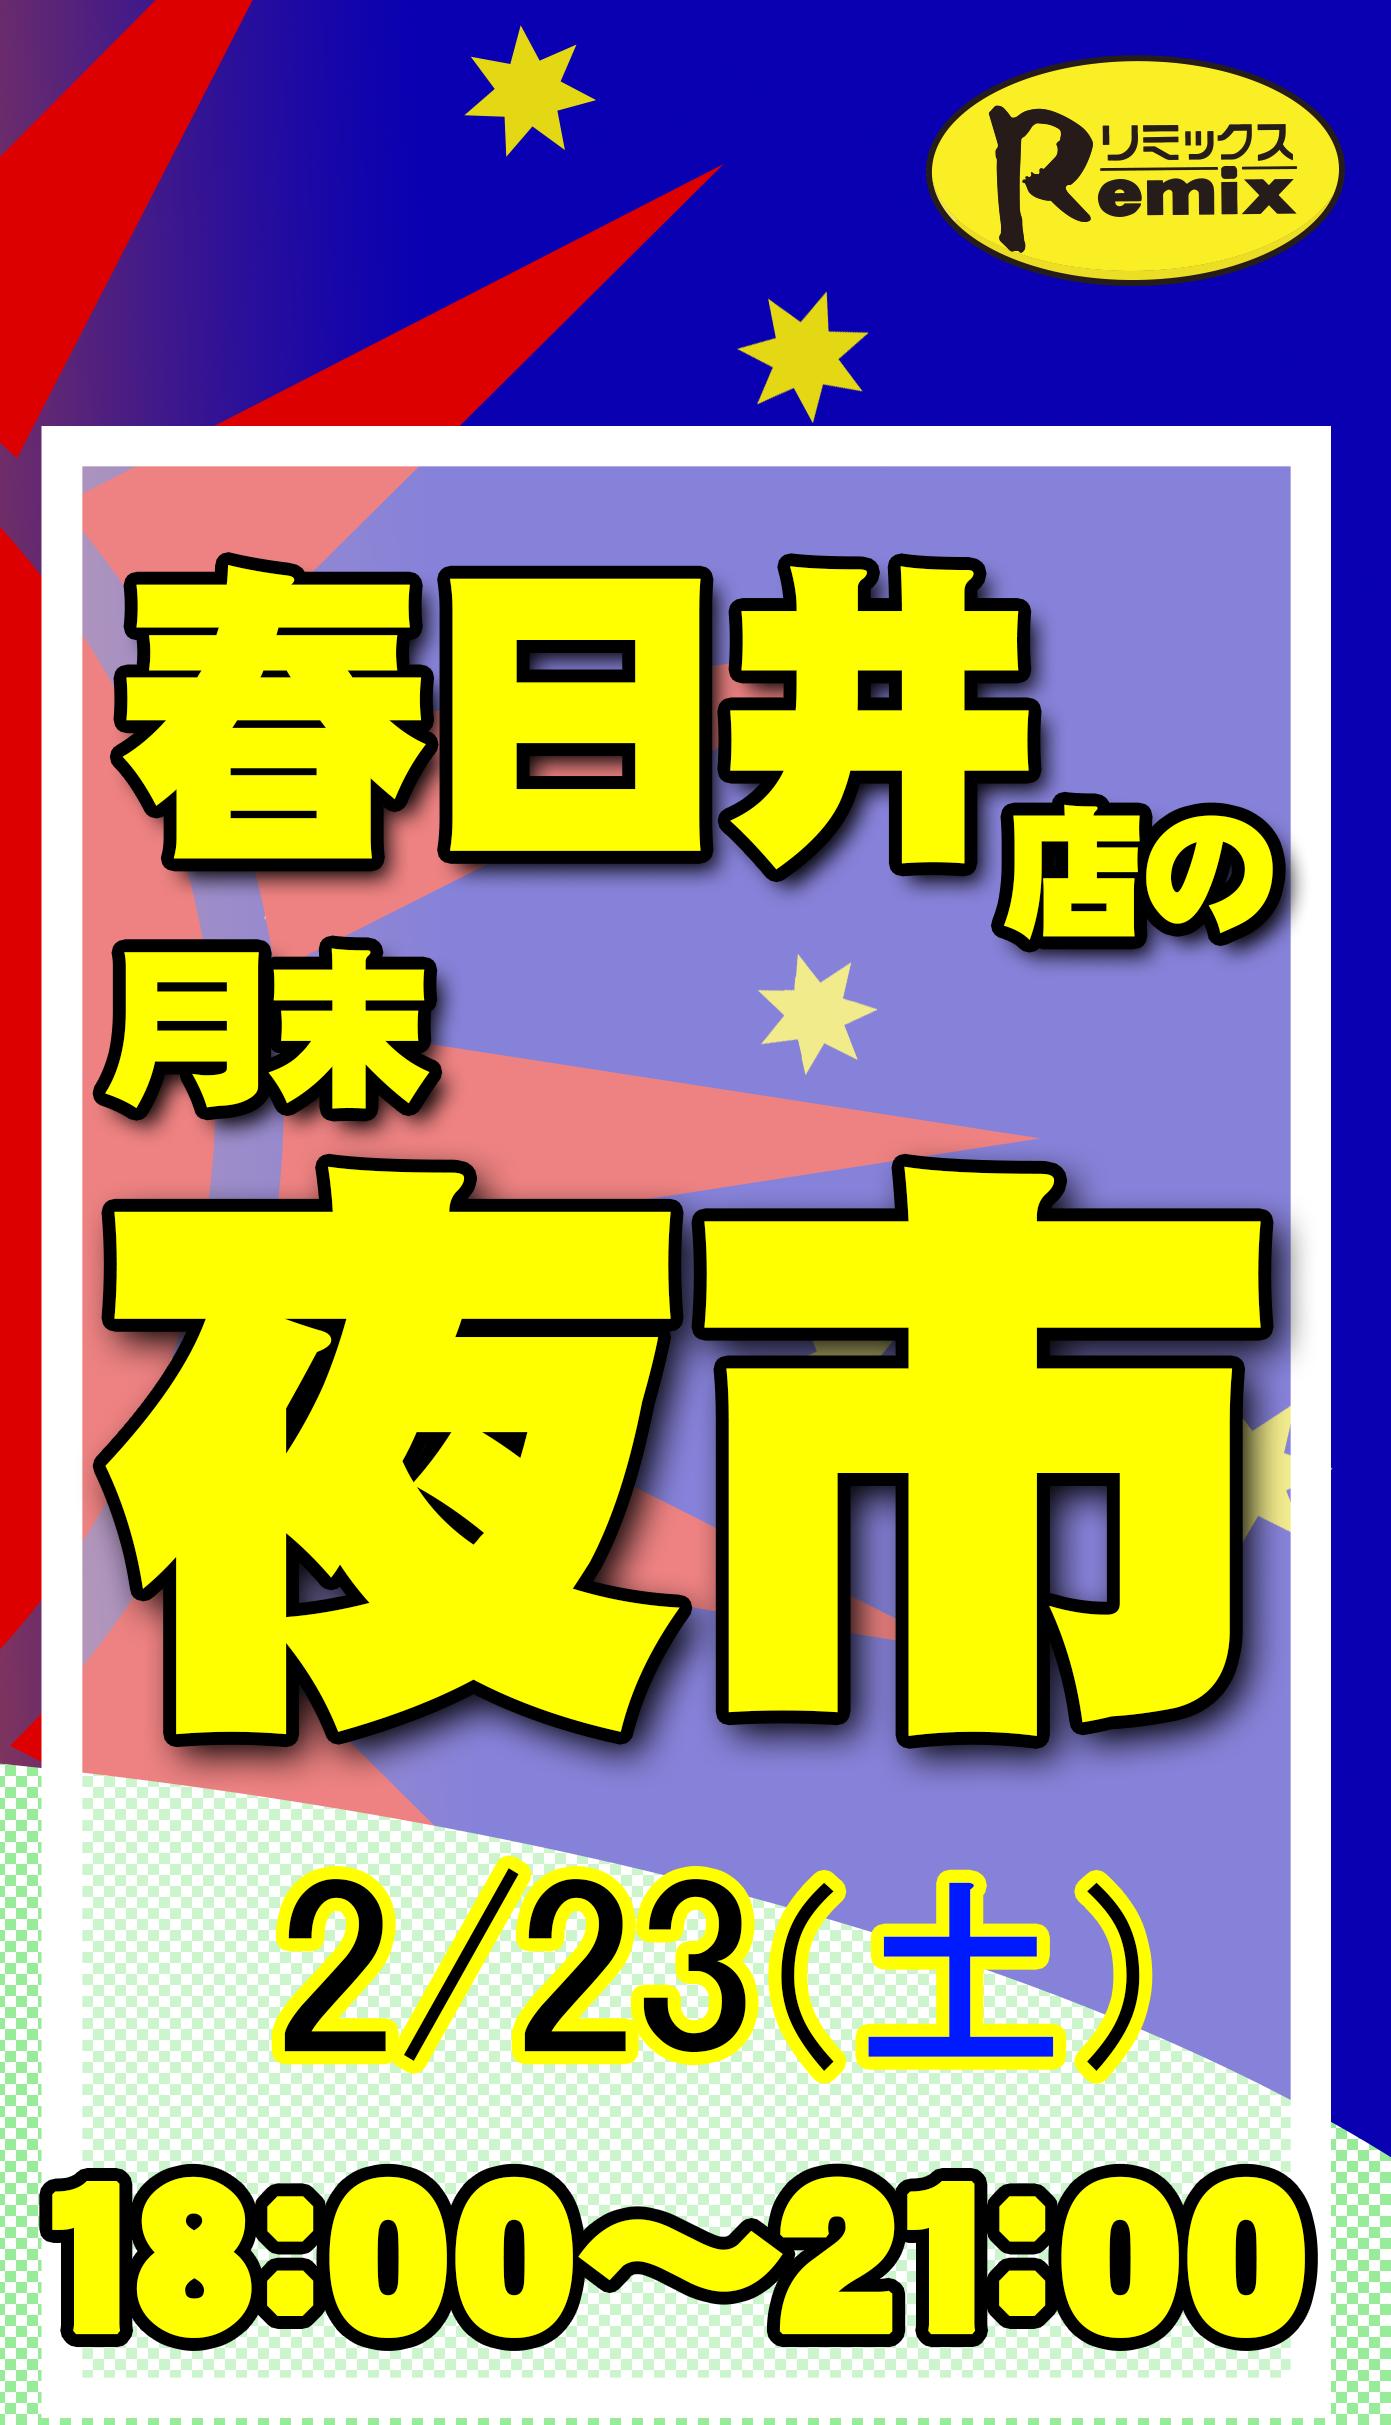 いよいよ!2月23日は春日井夜市です!